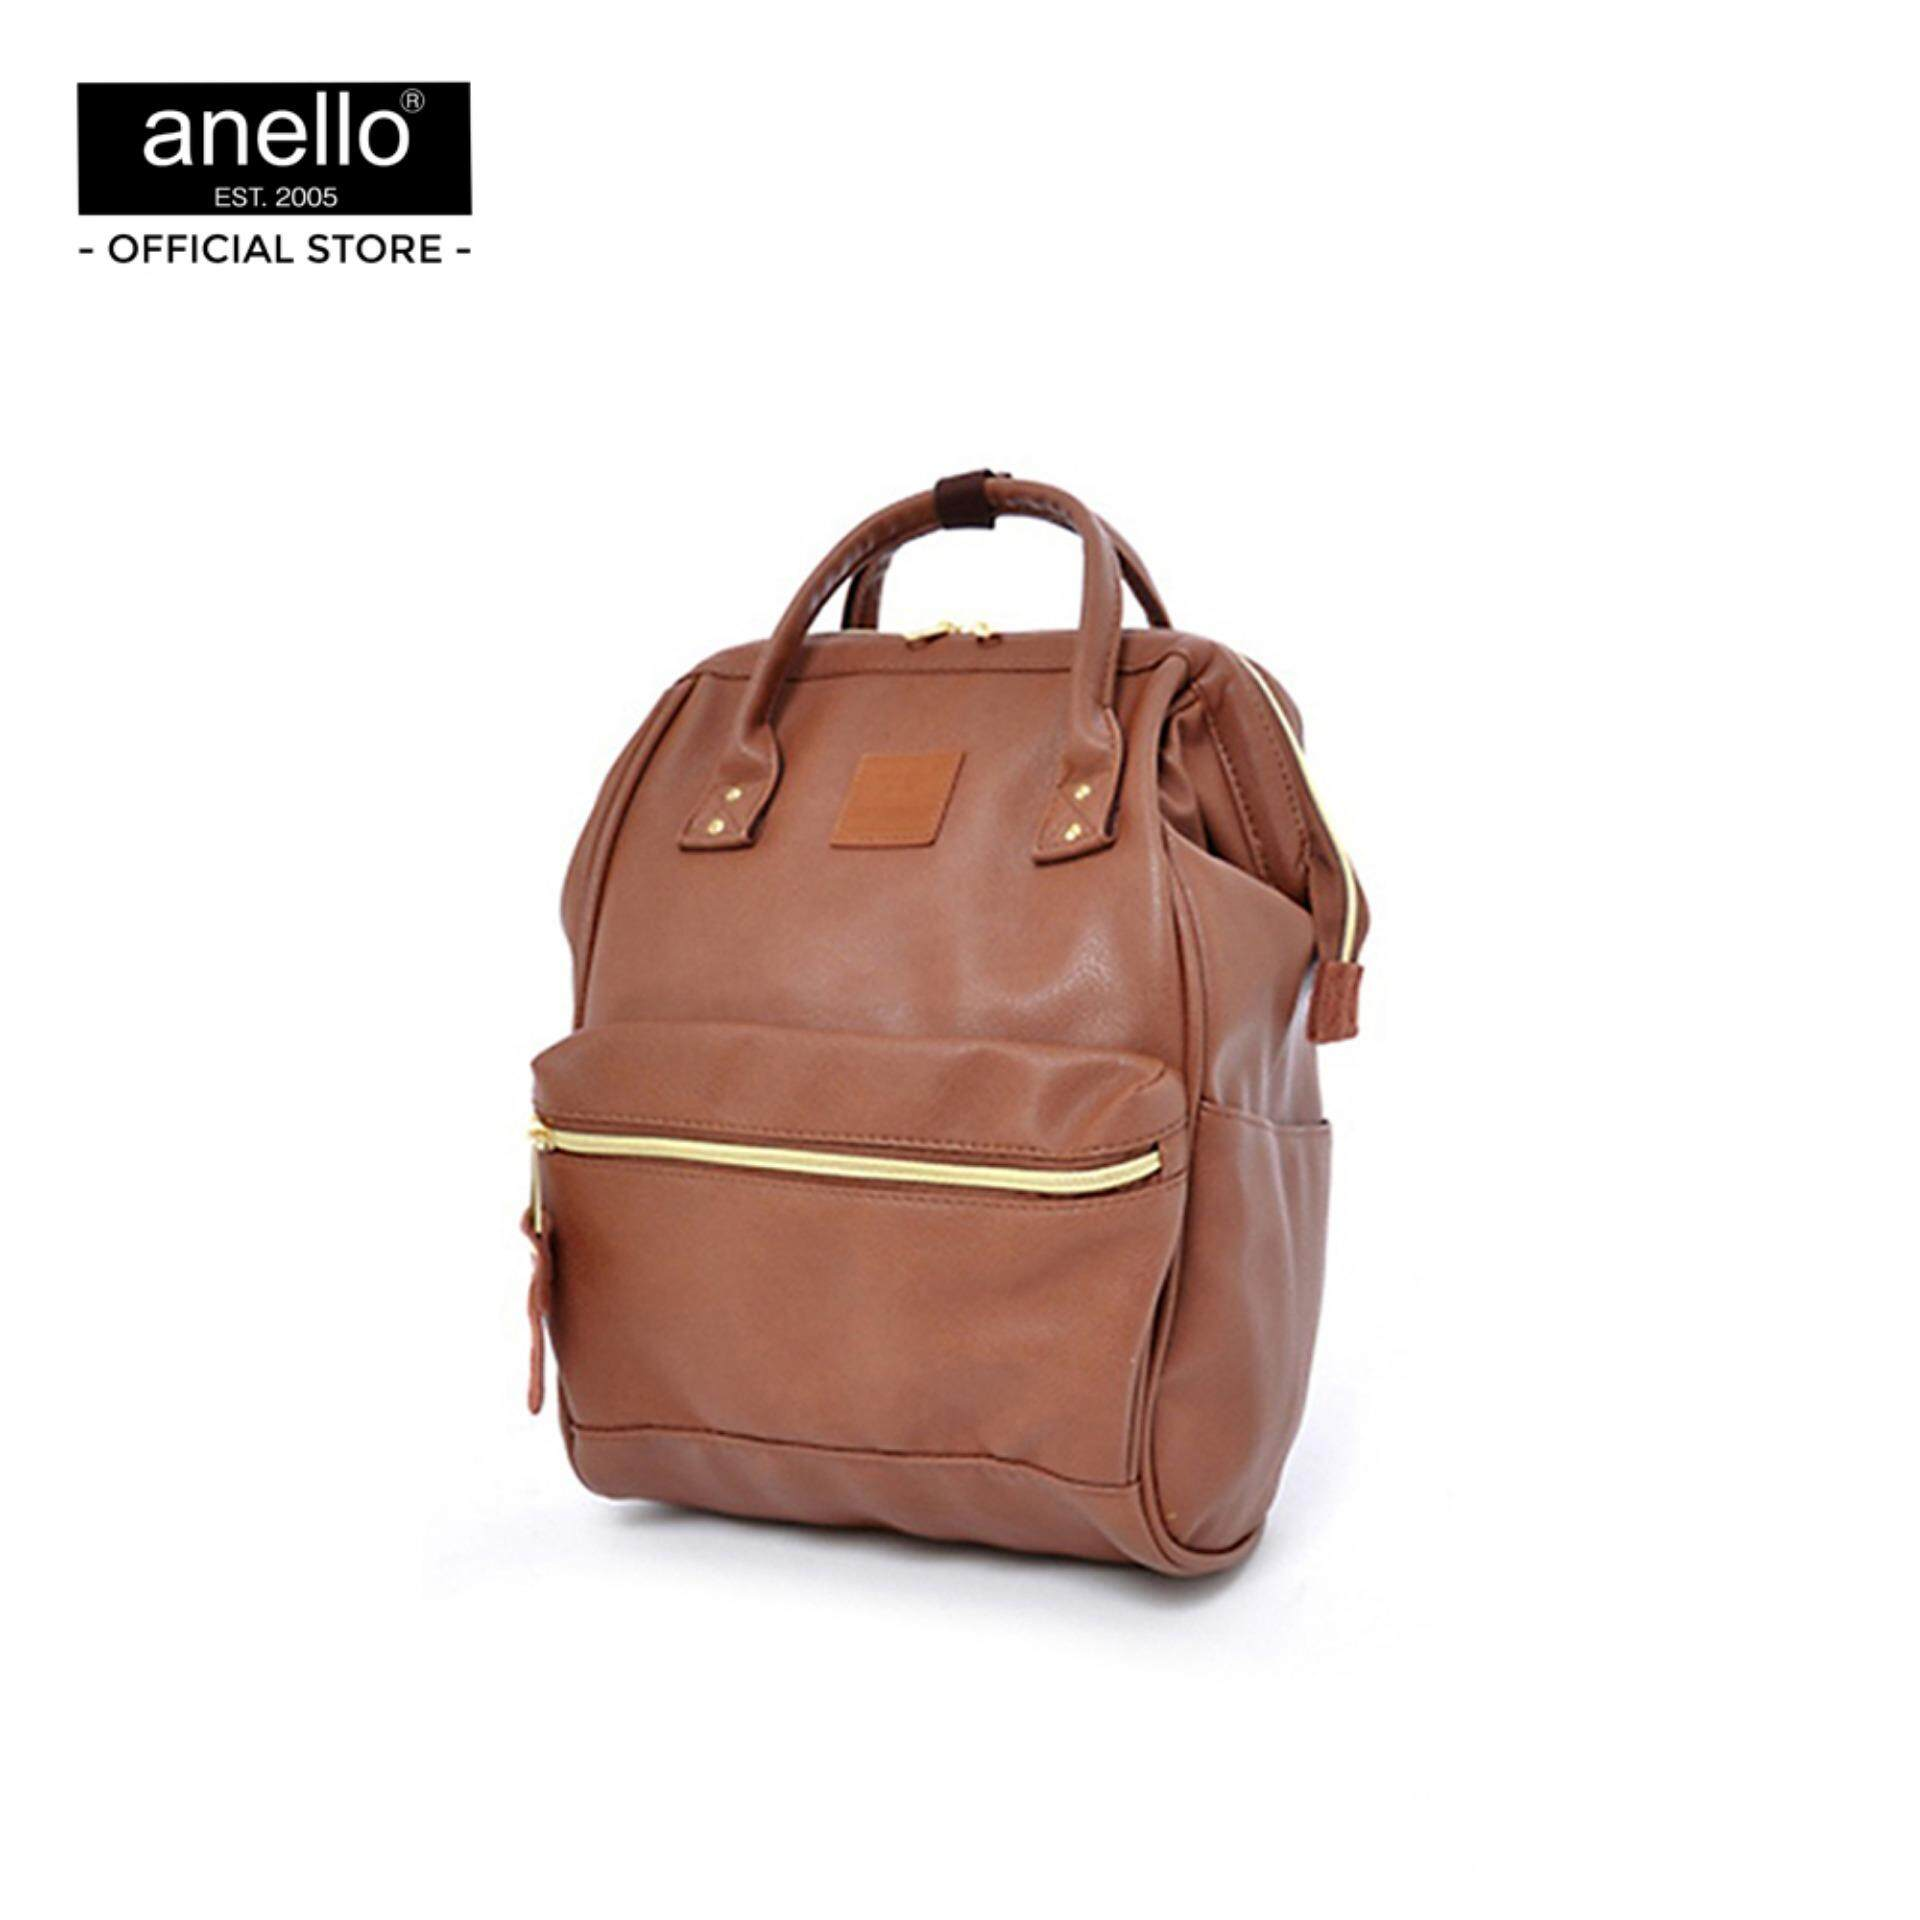 ยี่ห้อไหนดี  ระยอง anello กระเป๋า เป้ PU Mini Backpack _AT-B1212